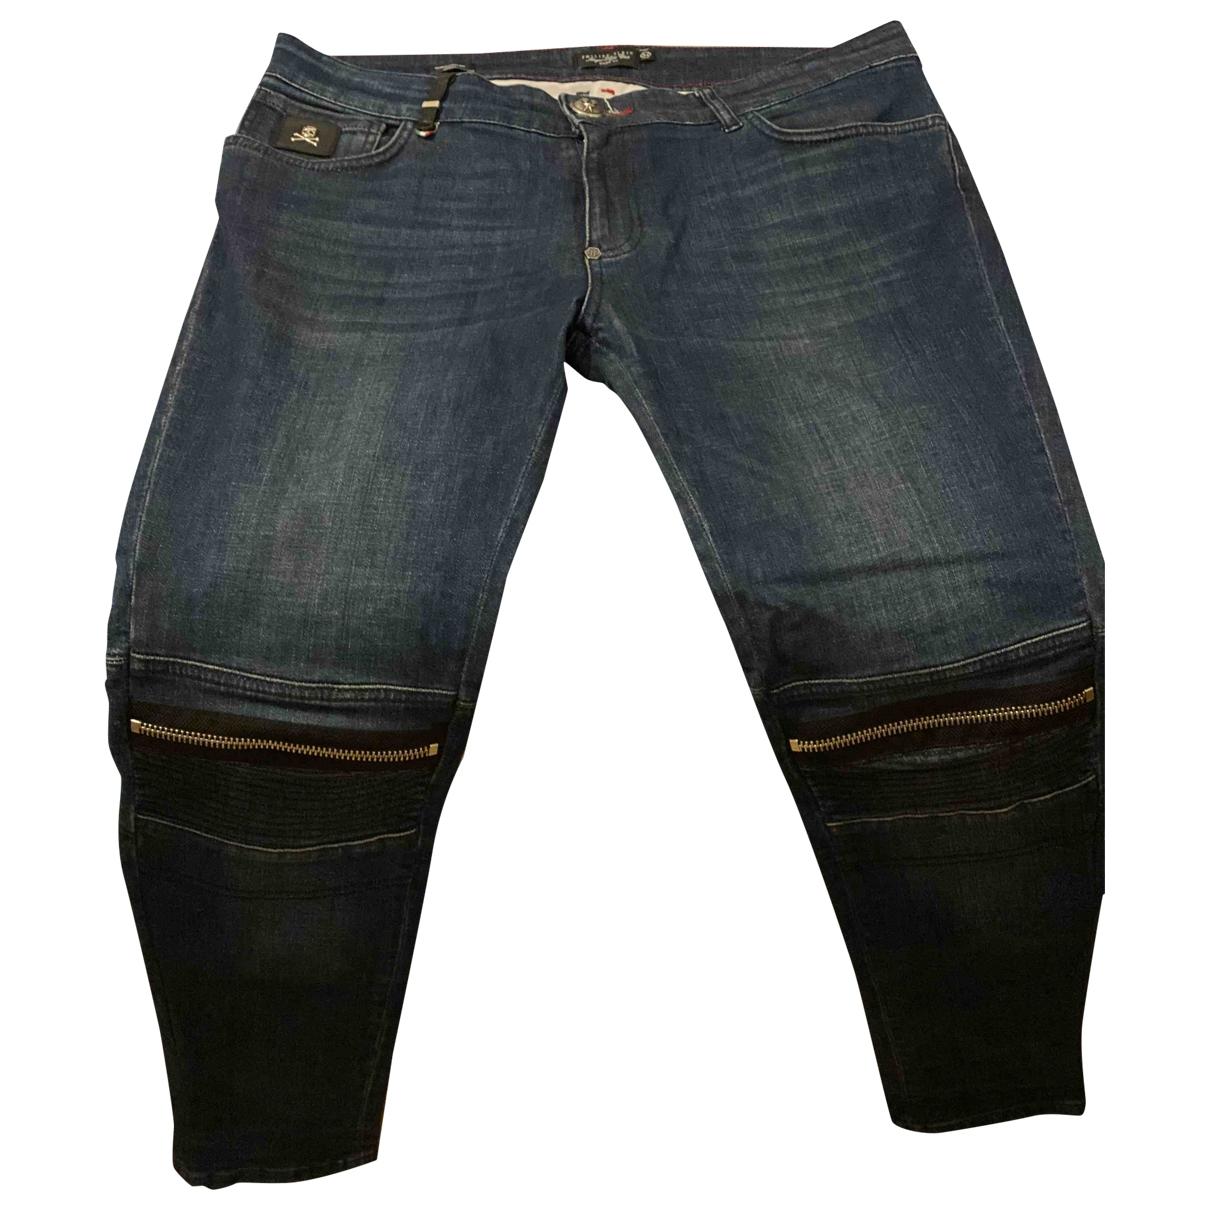 Philipp Plein \N Navy Cotton - elasthane Jeans for Men 34 US